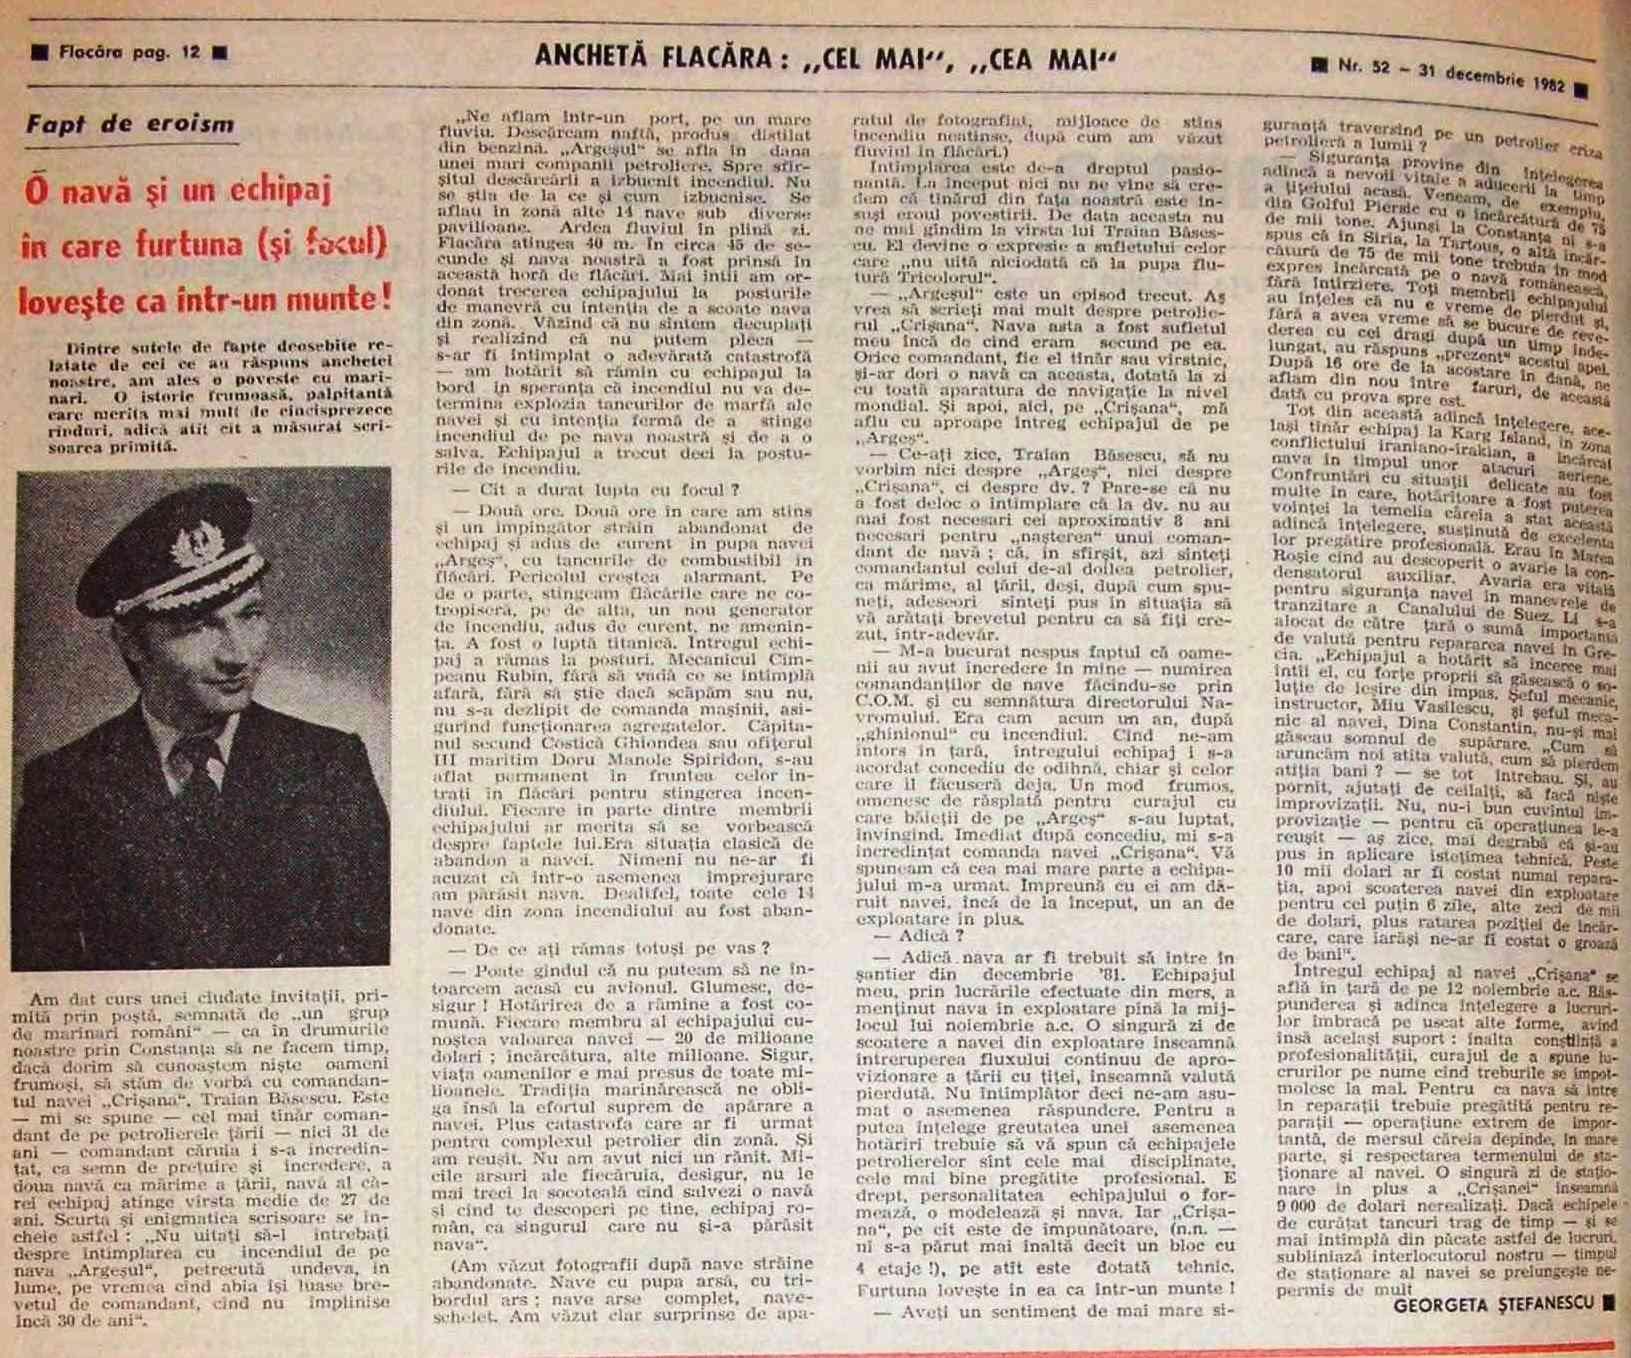 """Interviul acordat de Traian Băsescu revistei """"Flacăra"""" (31 decembrie 1982)."""